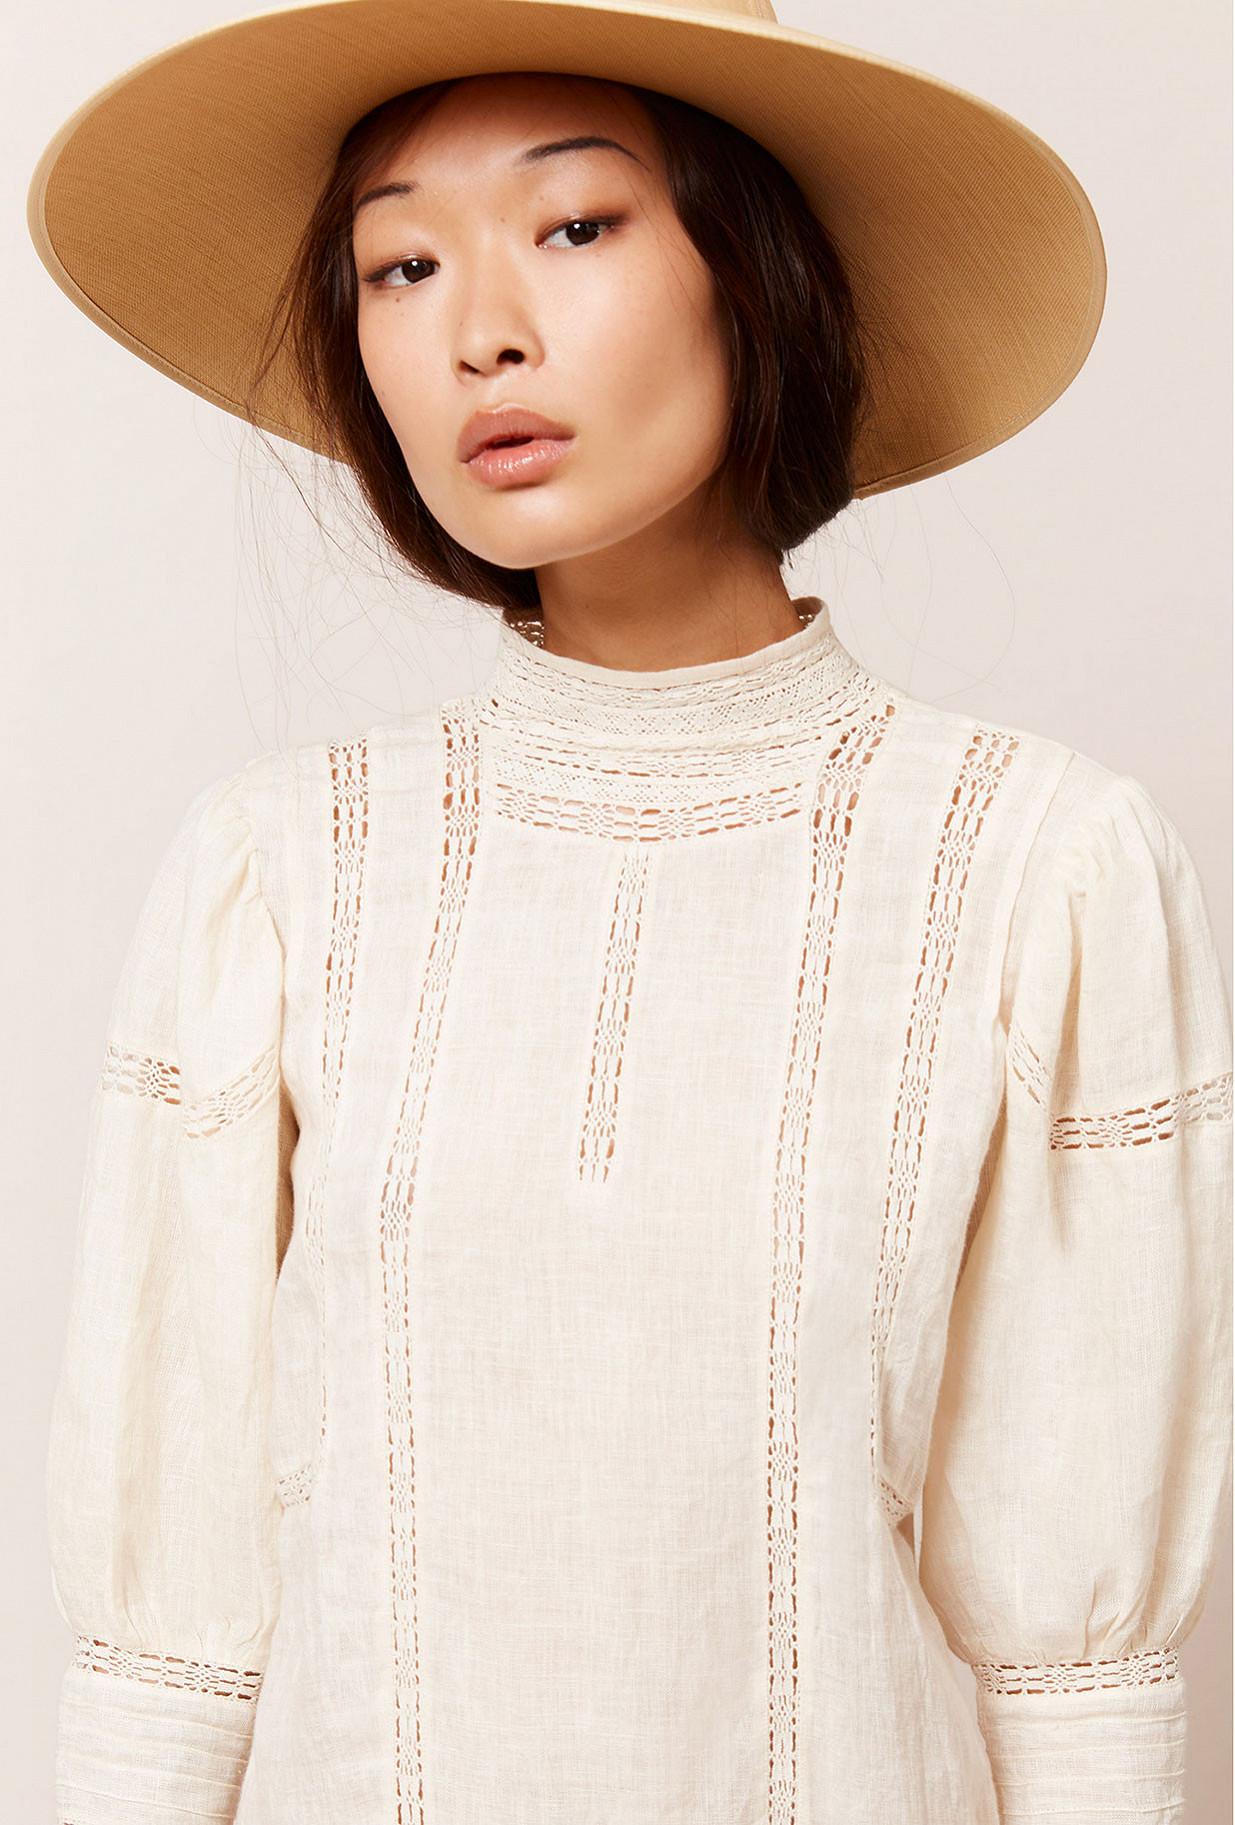 Paris boutique de mode vêtement Robe créateur bohème  Bianca